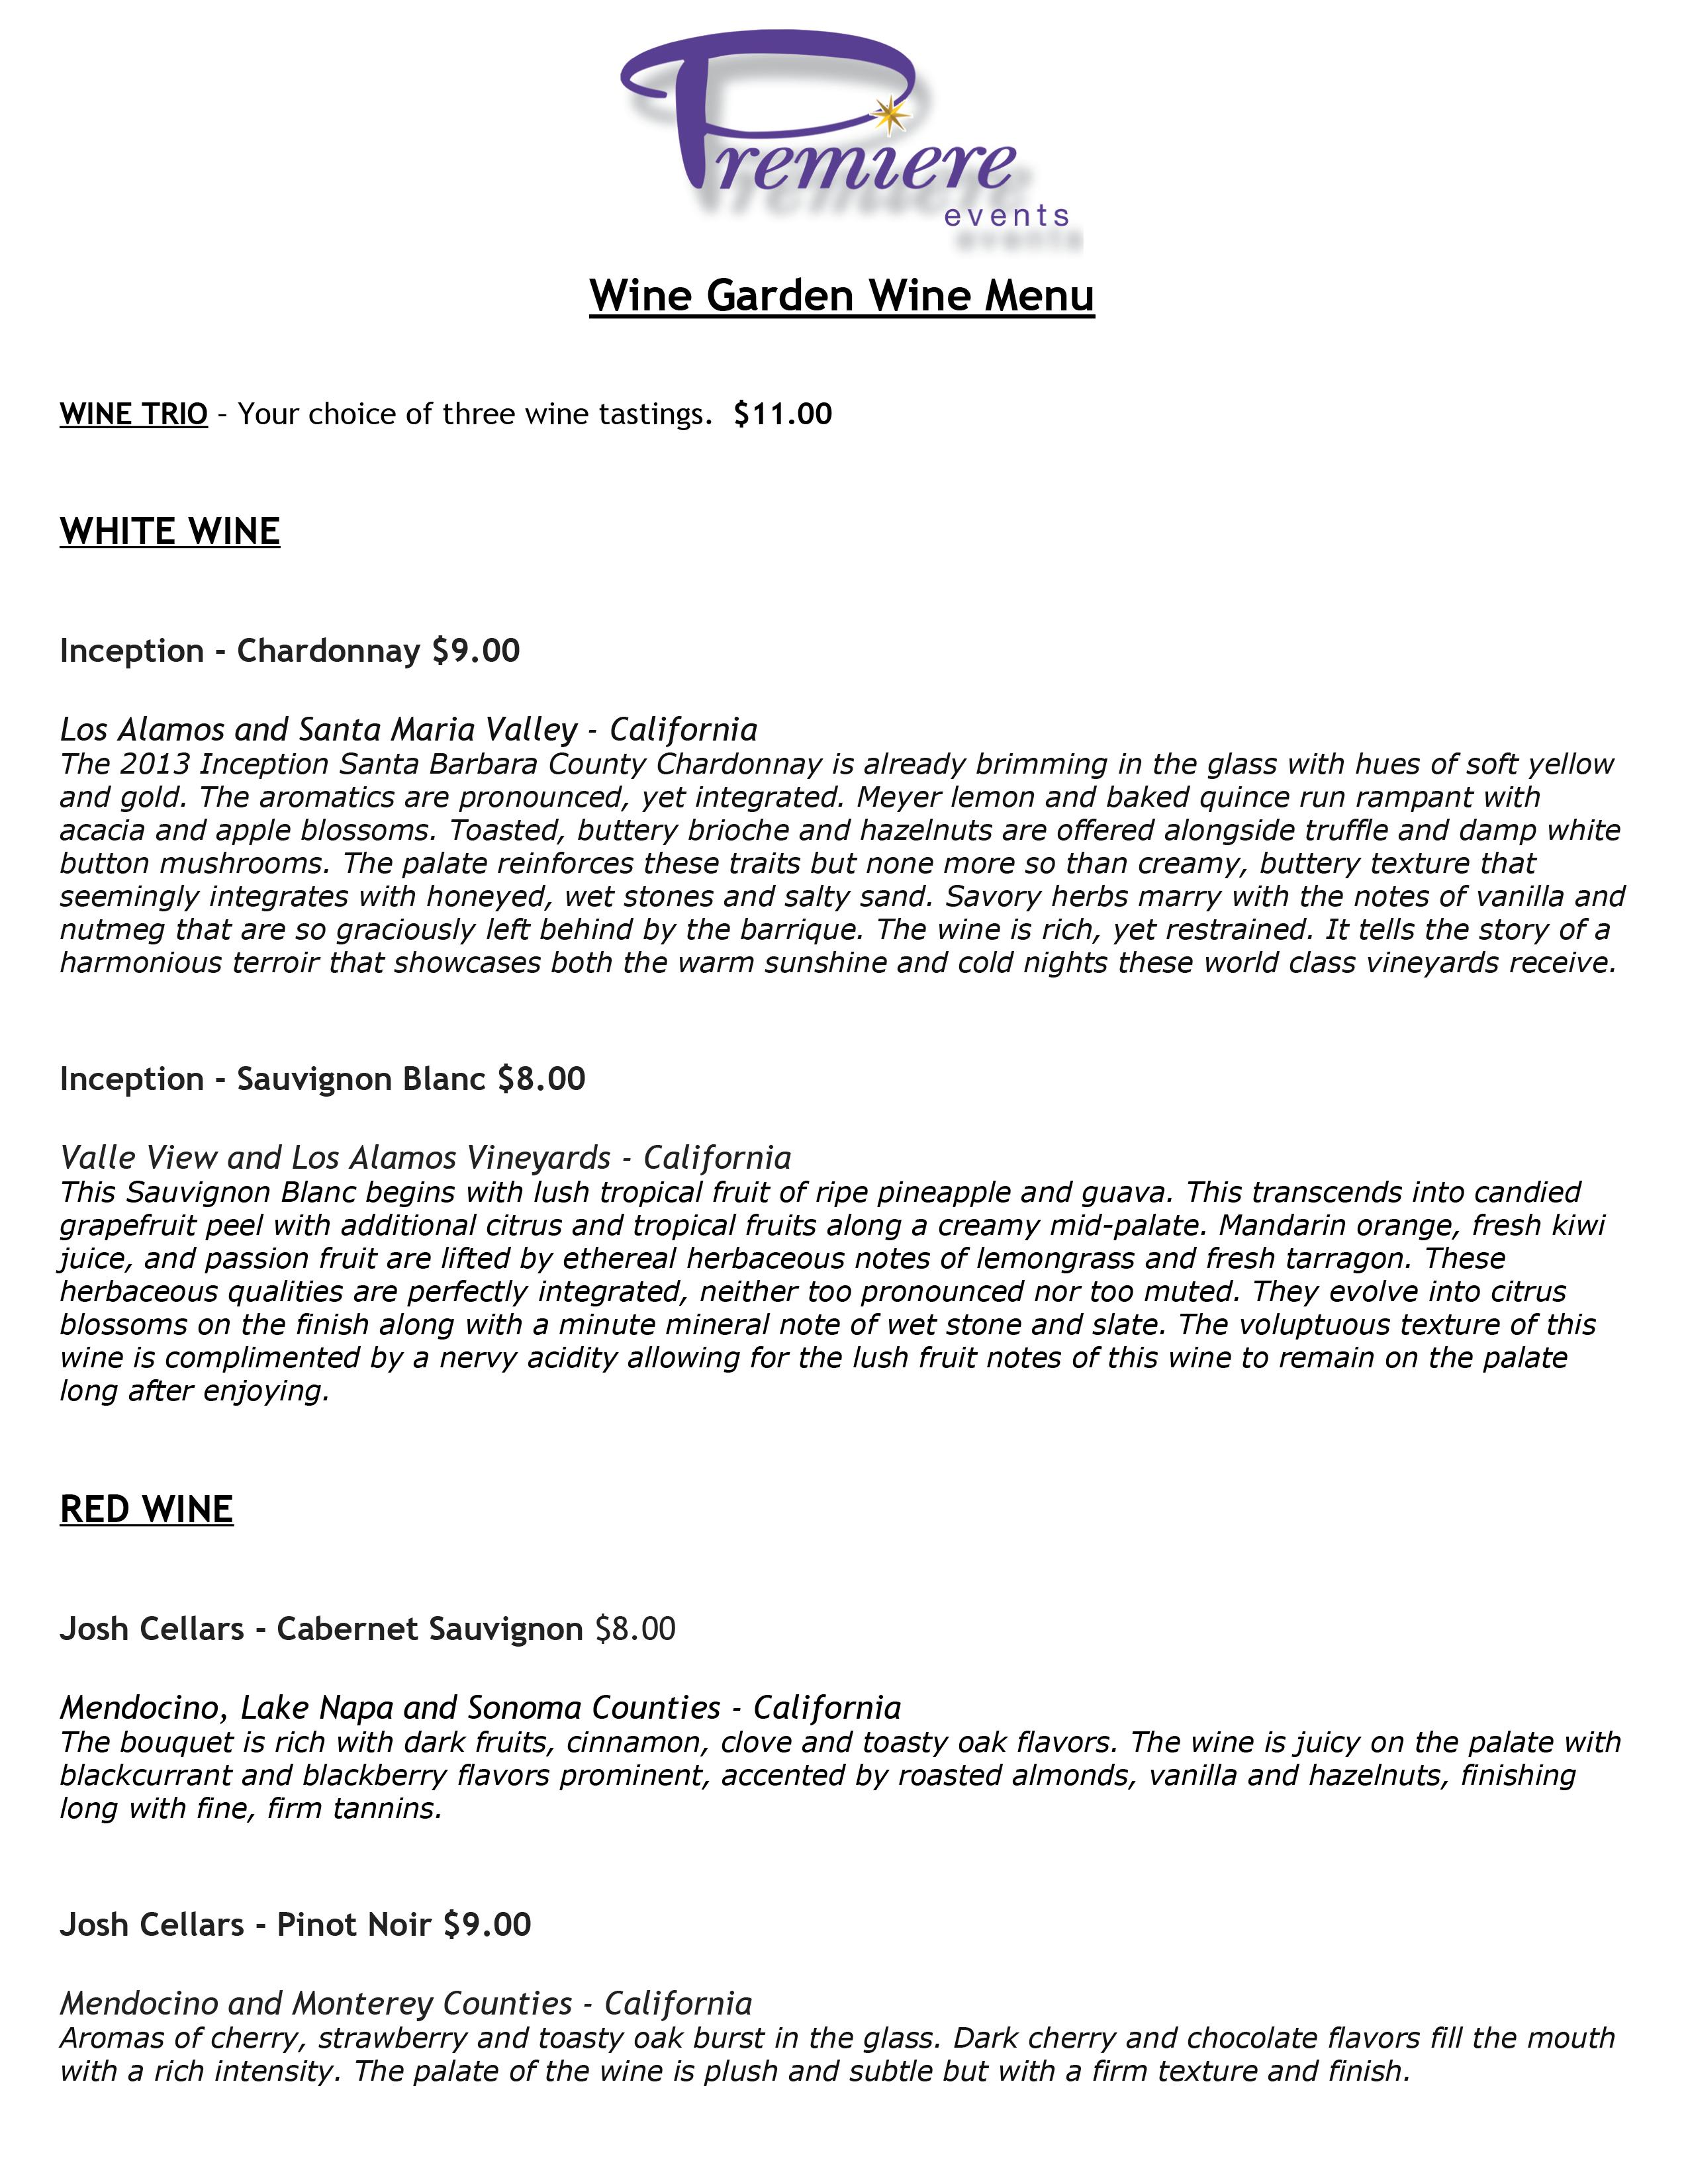 Wine Garden Wine List